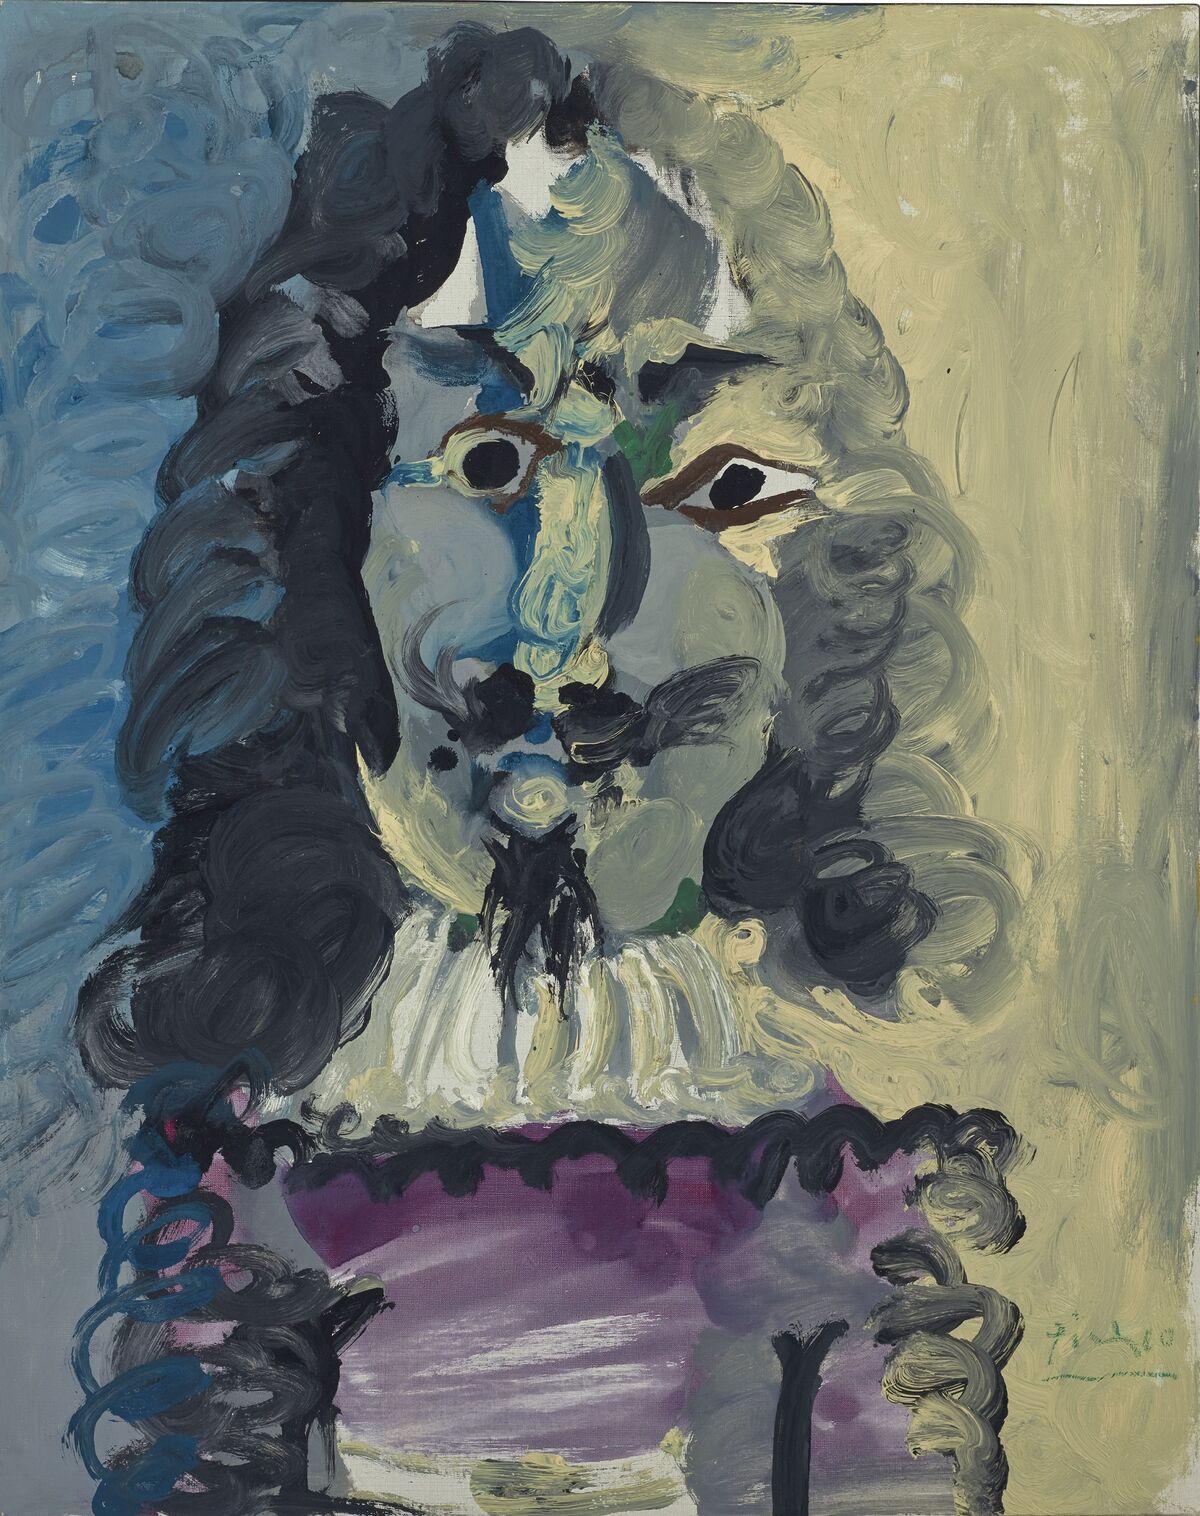 Pablo Picasso, Mousquetaire. Buste, 1967. Sold for €3.4 million ($3.8 million). Courtesy Christie's Images Ltd.